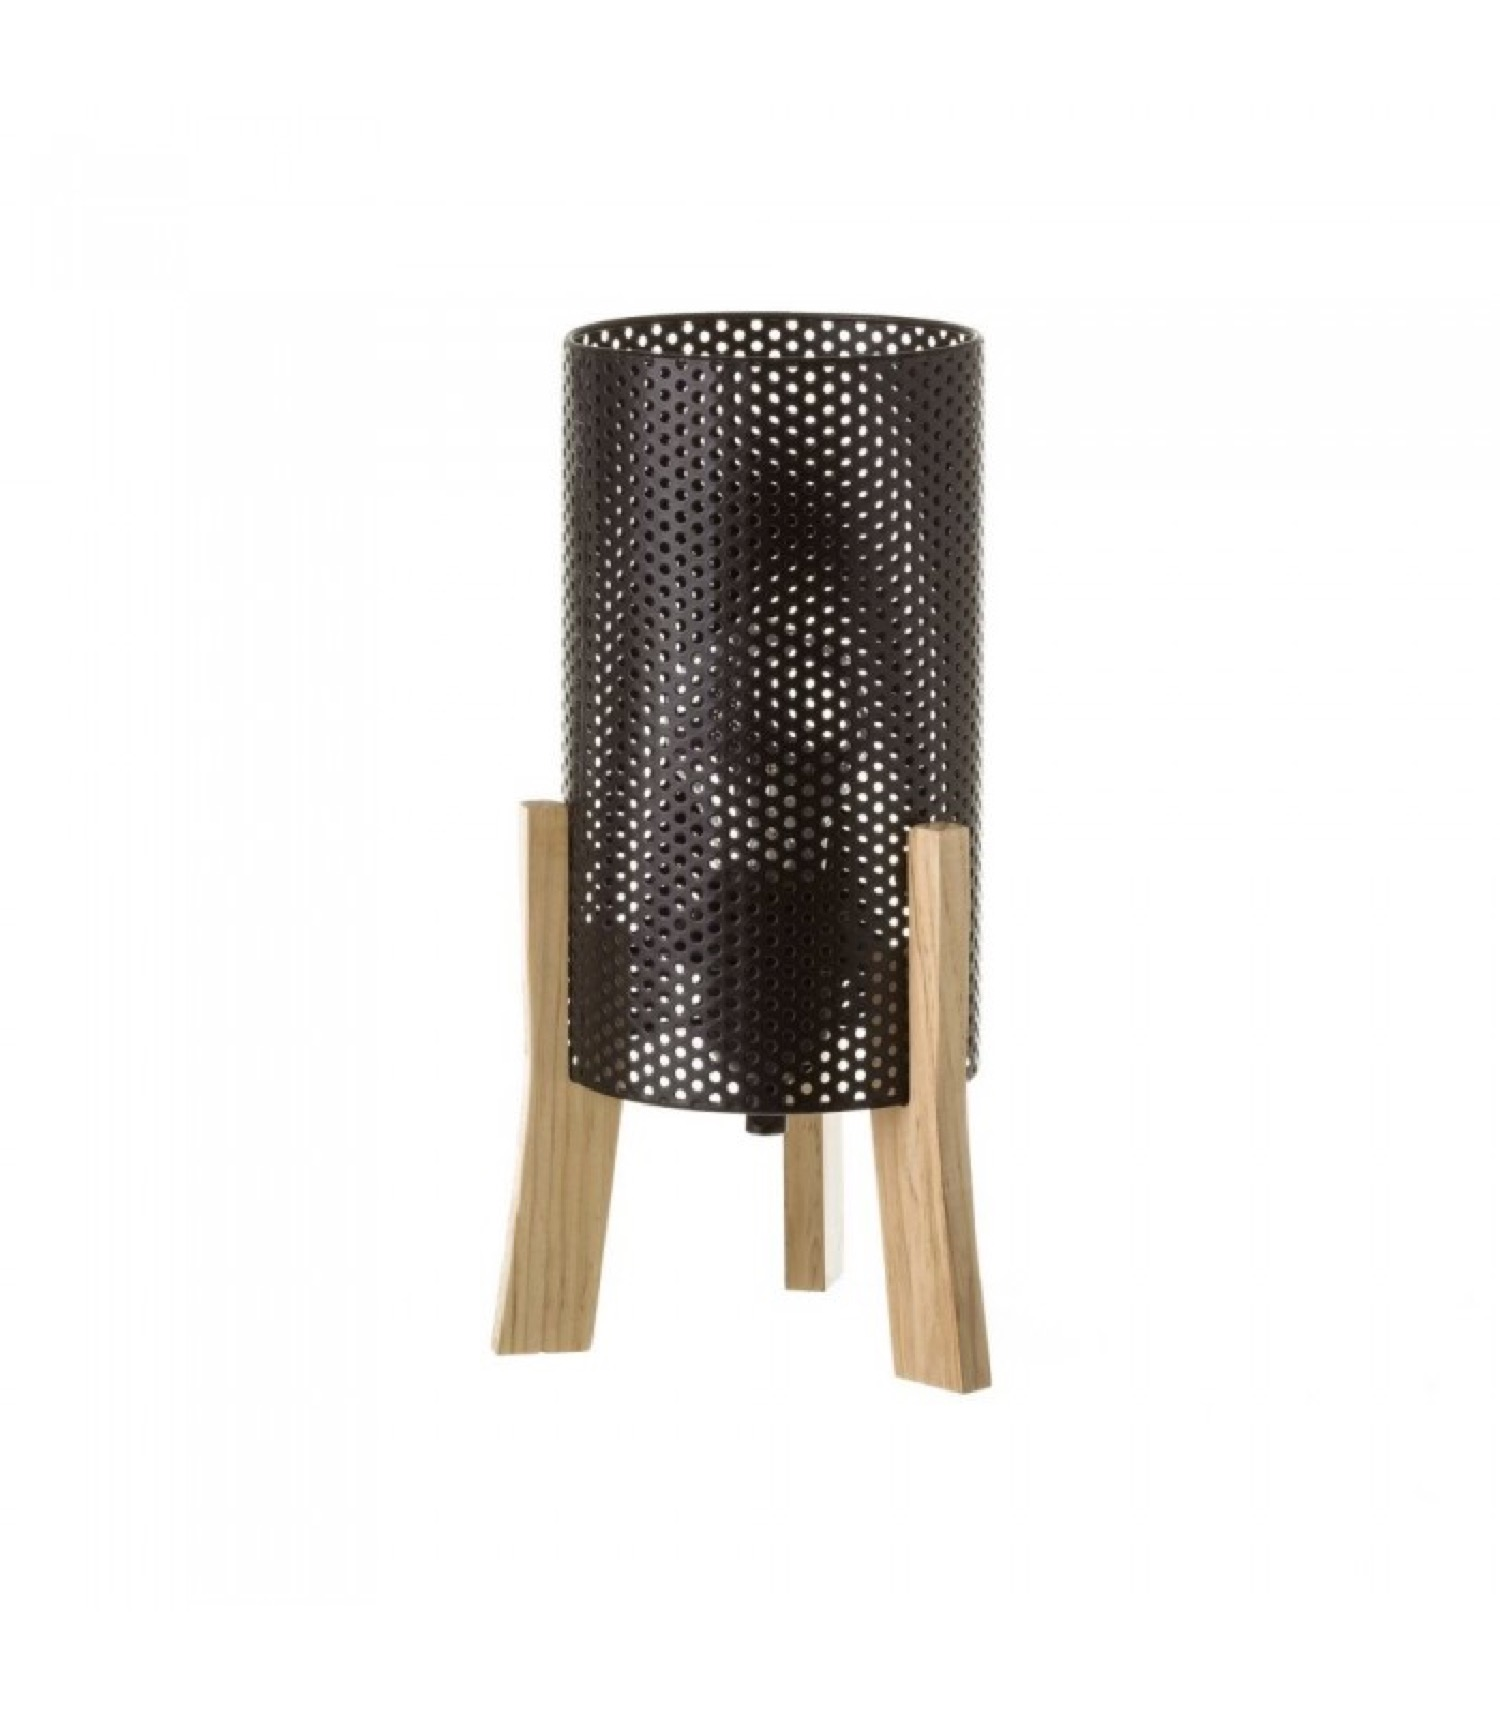 Lampe à poser en bois et métal noir H29,5cm